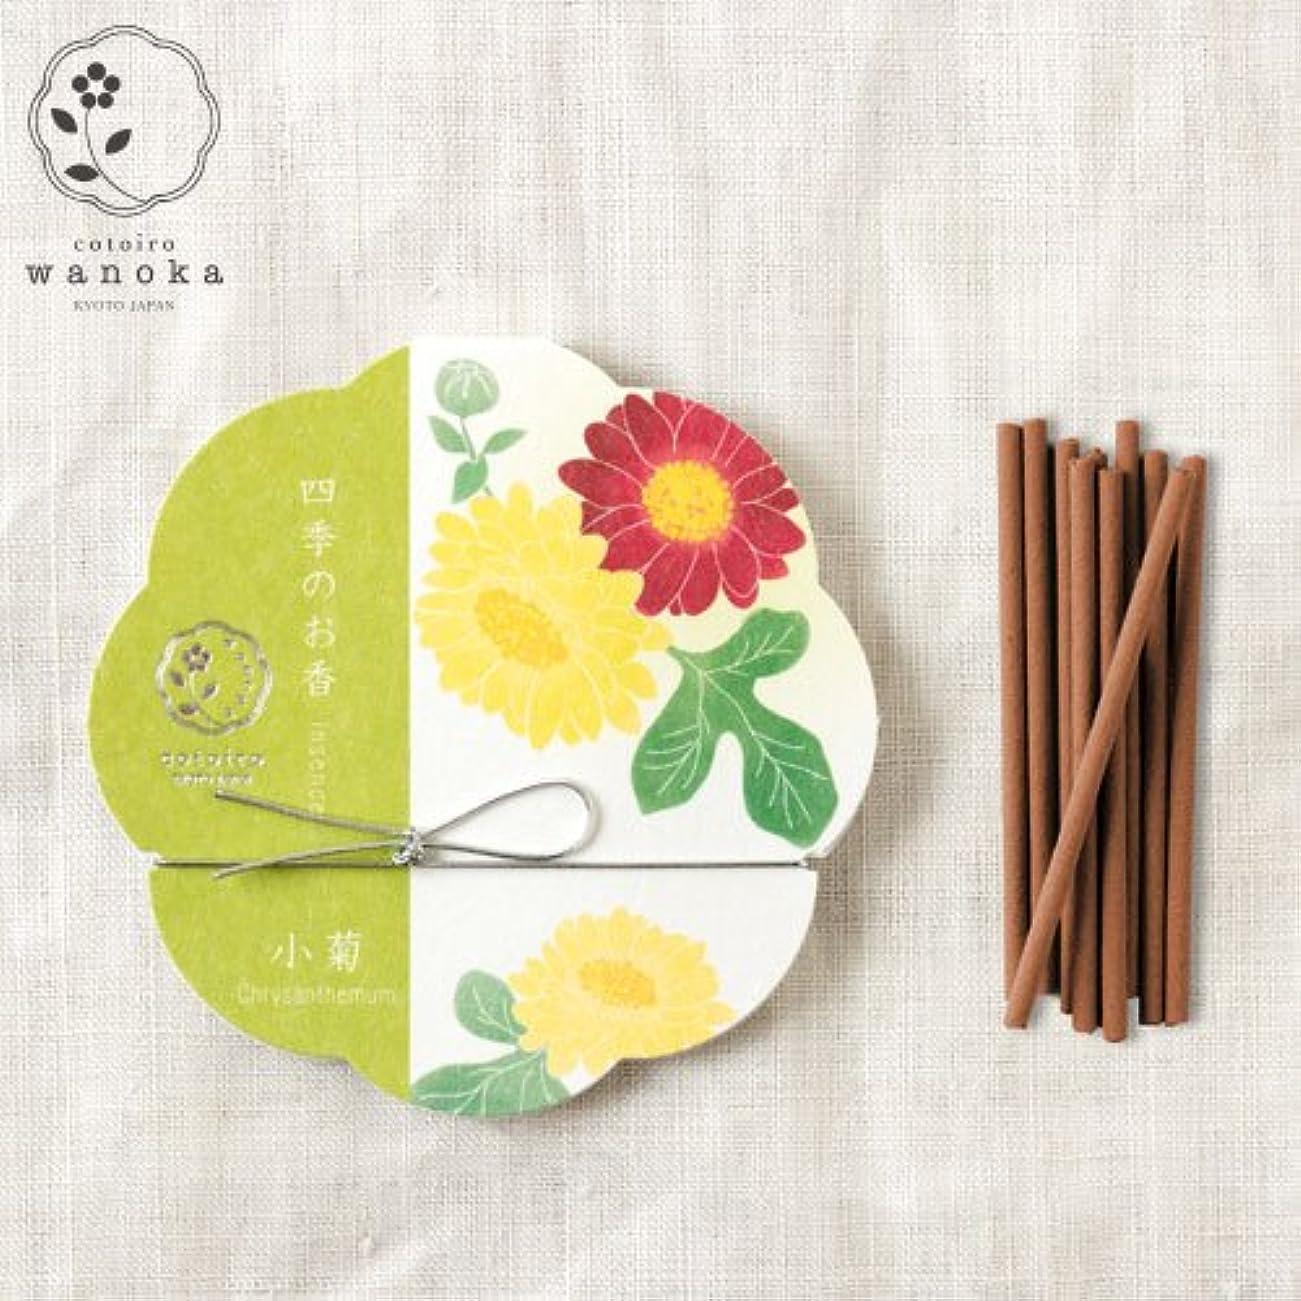 ミッションリムレディwanoka四季のお香(インセンス)小菊《小菊をイメージした優しい香り》ART LABIncense stick